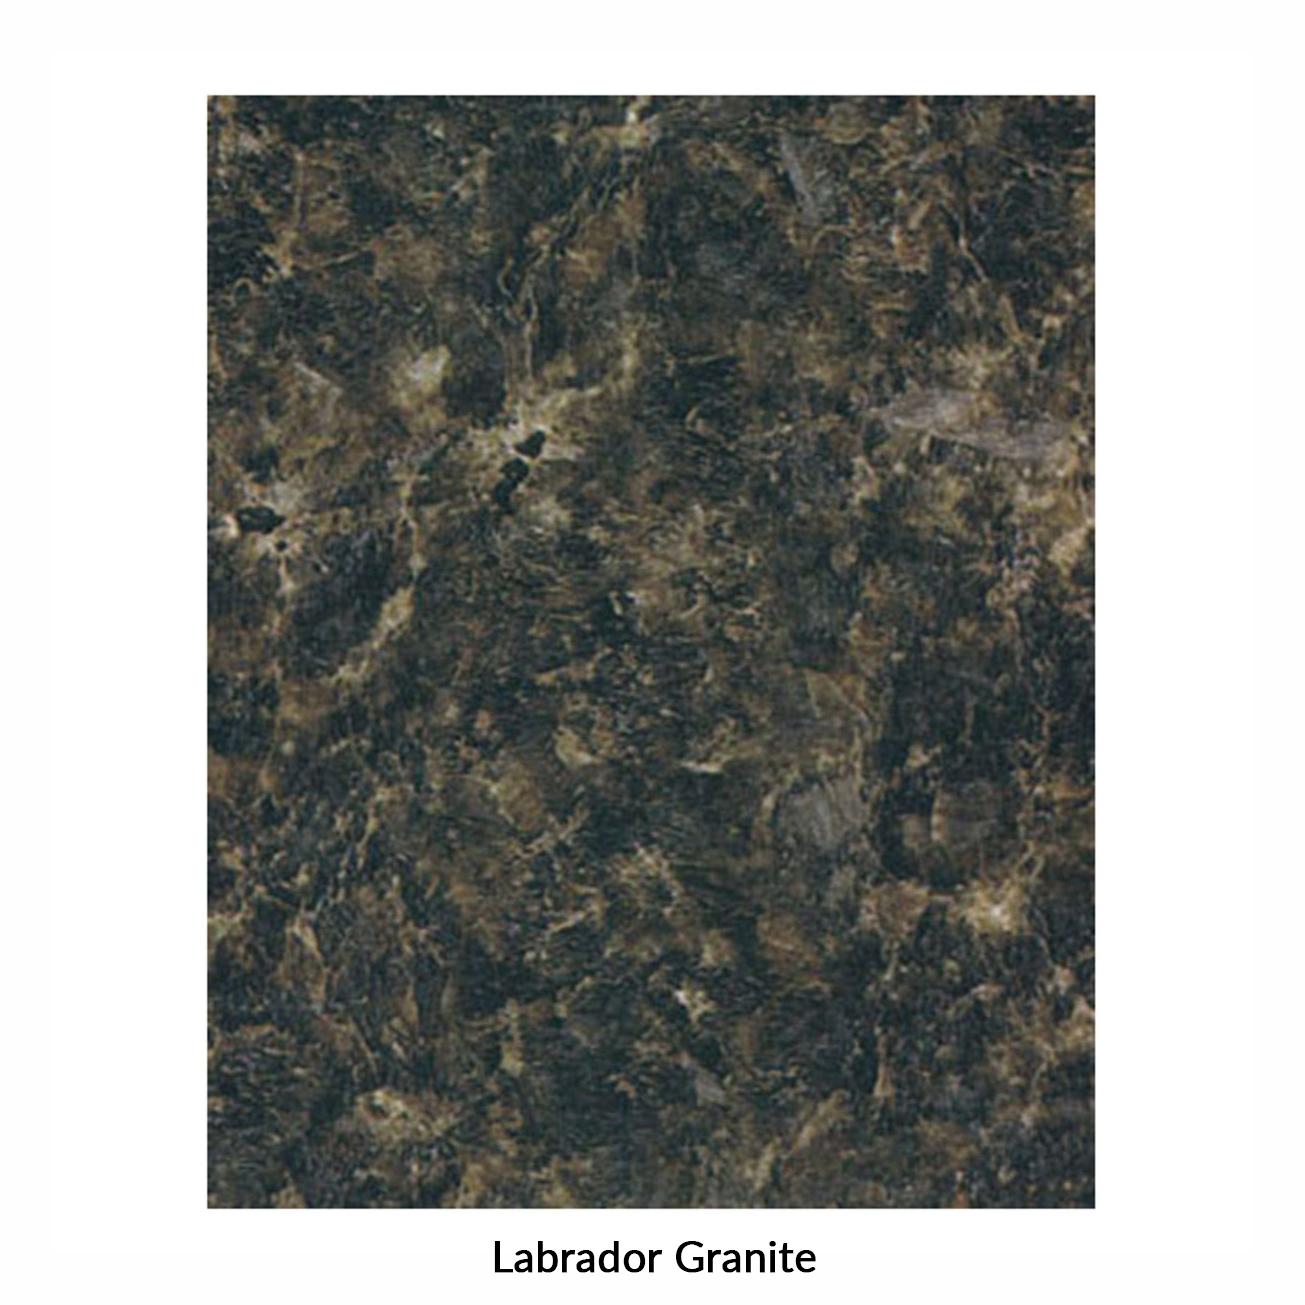 14-labrador-granite.jpg